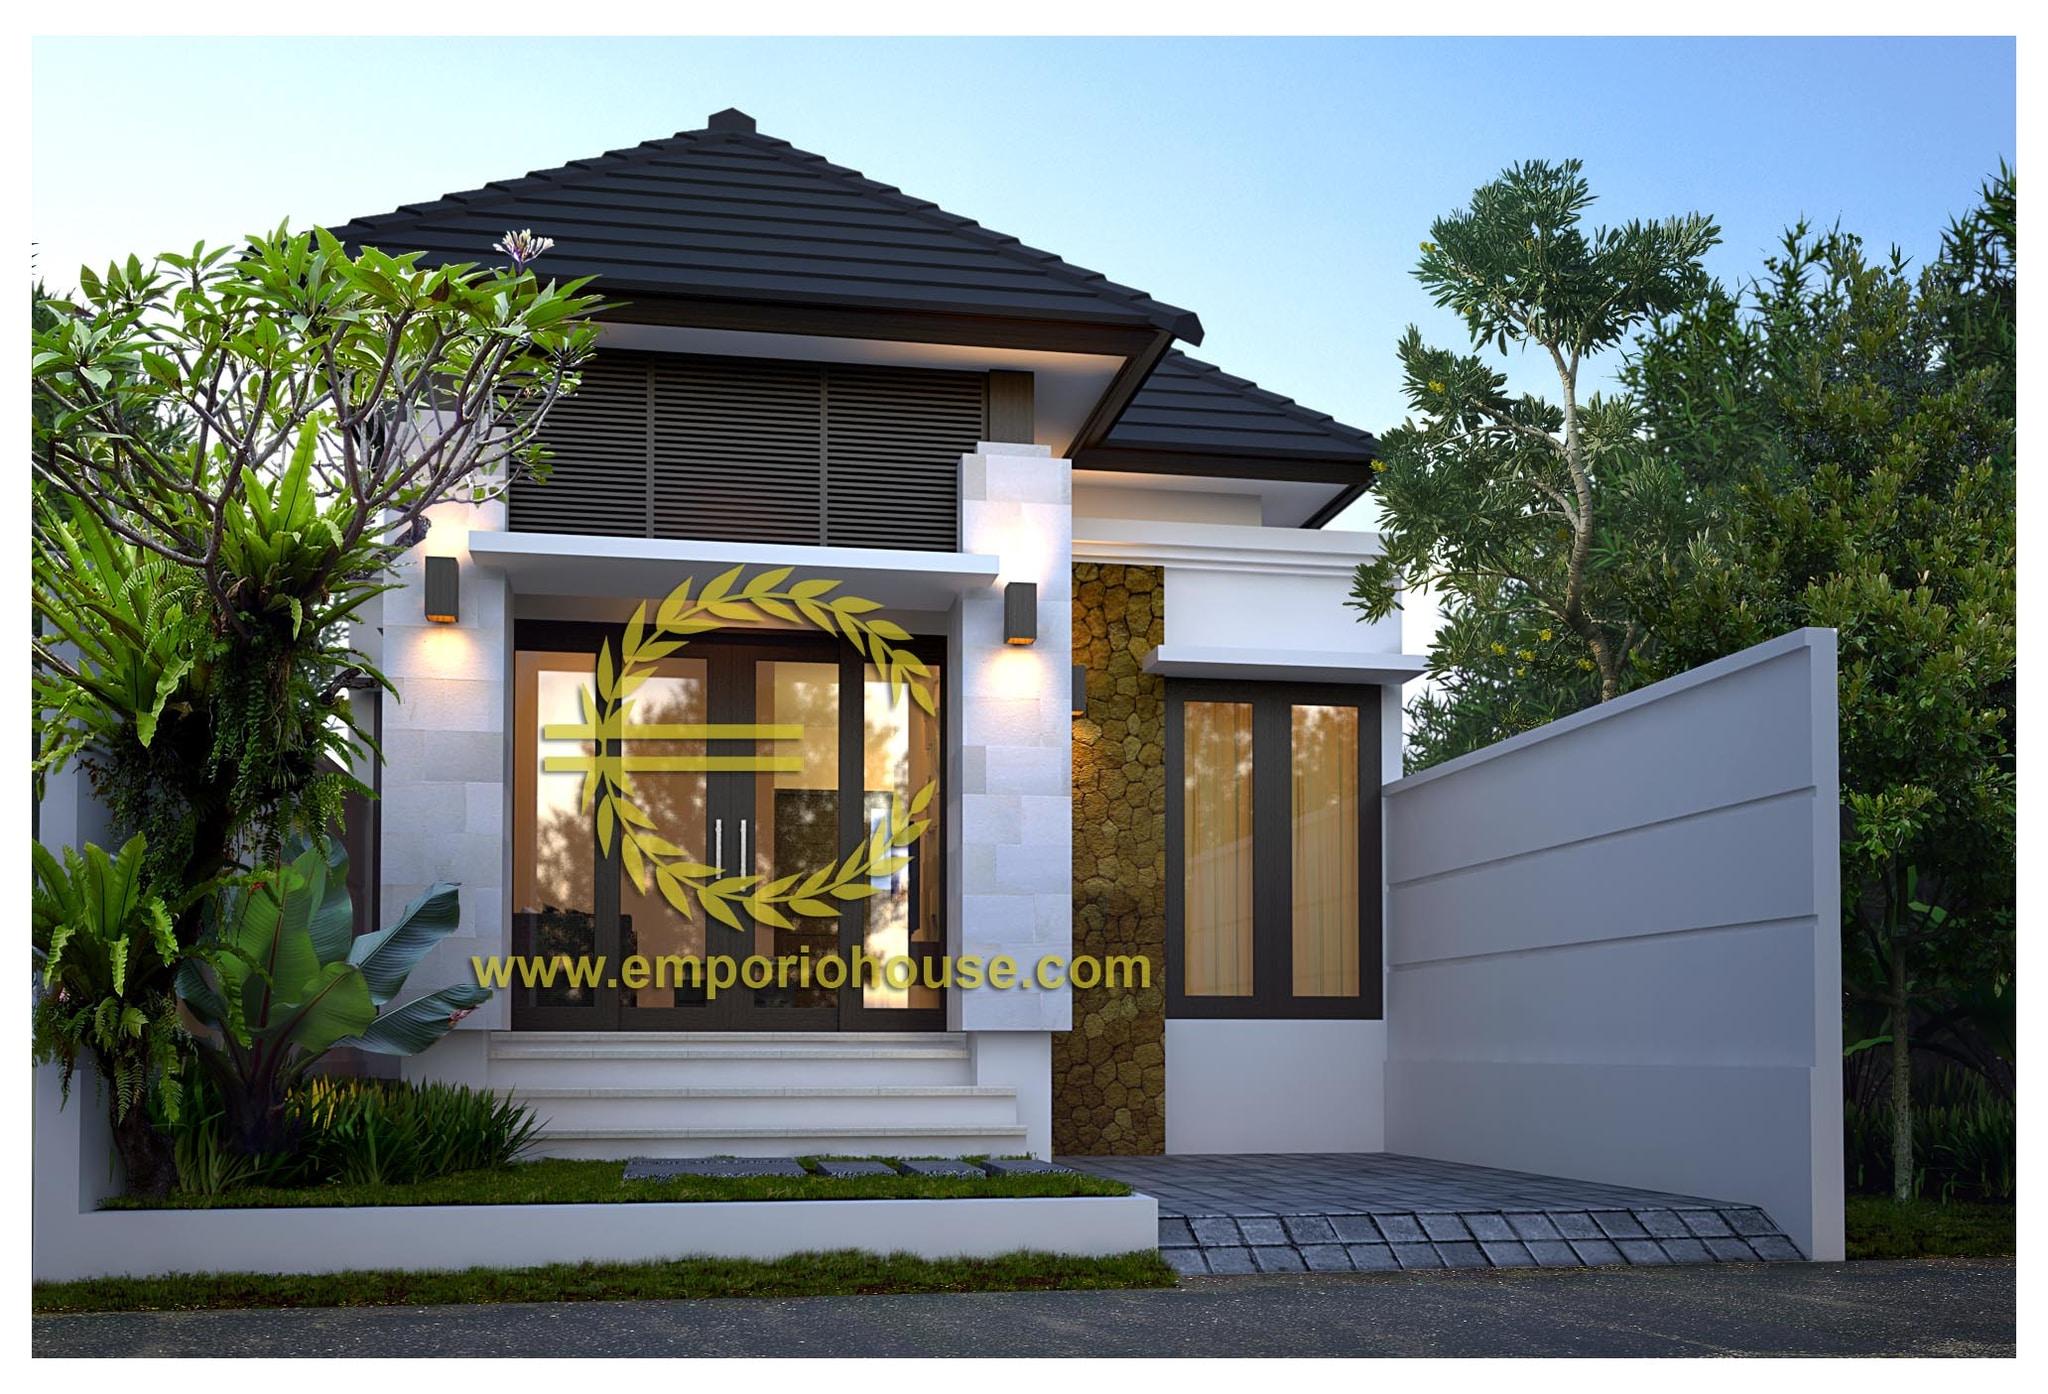 Jual Desain Rumah 1 Lantai 3 Kamar Lebar 7 M Luas Bangunan 60